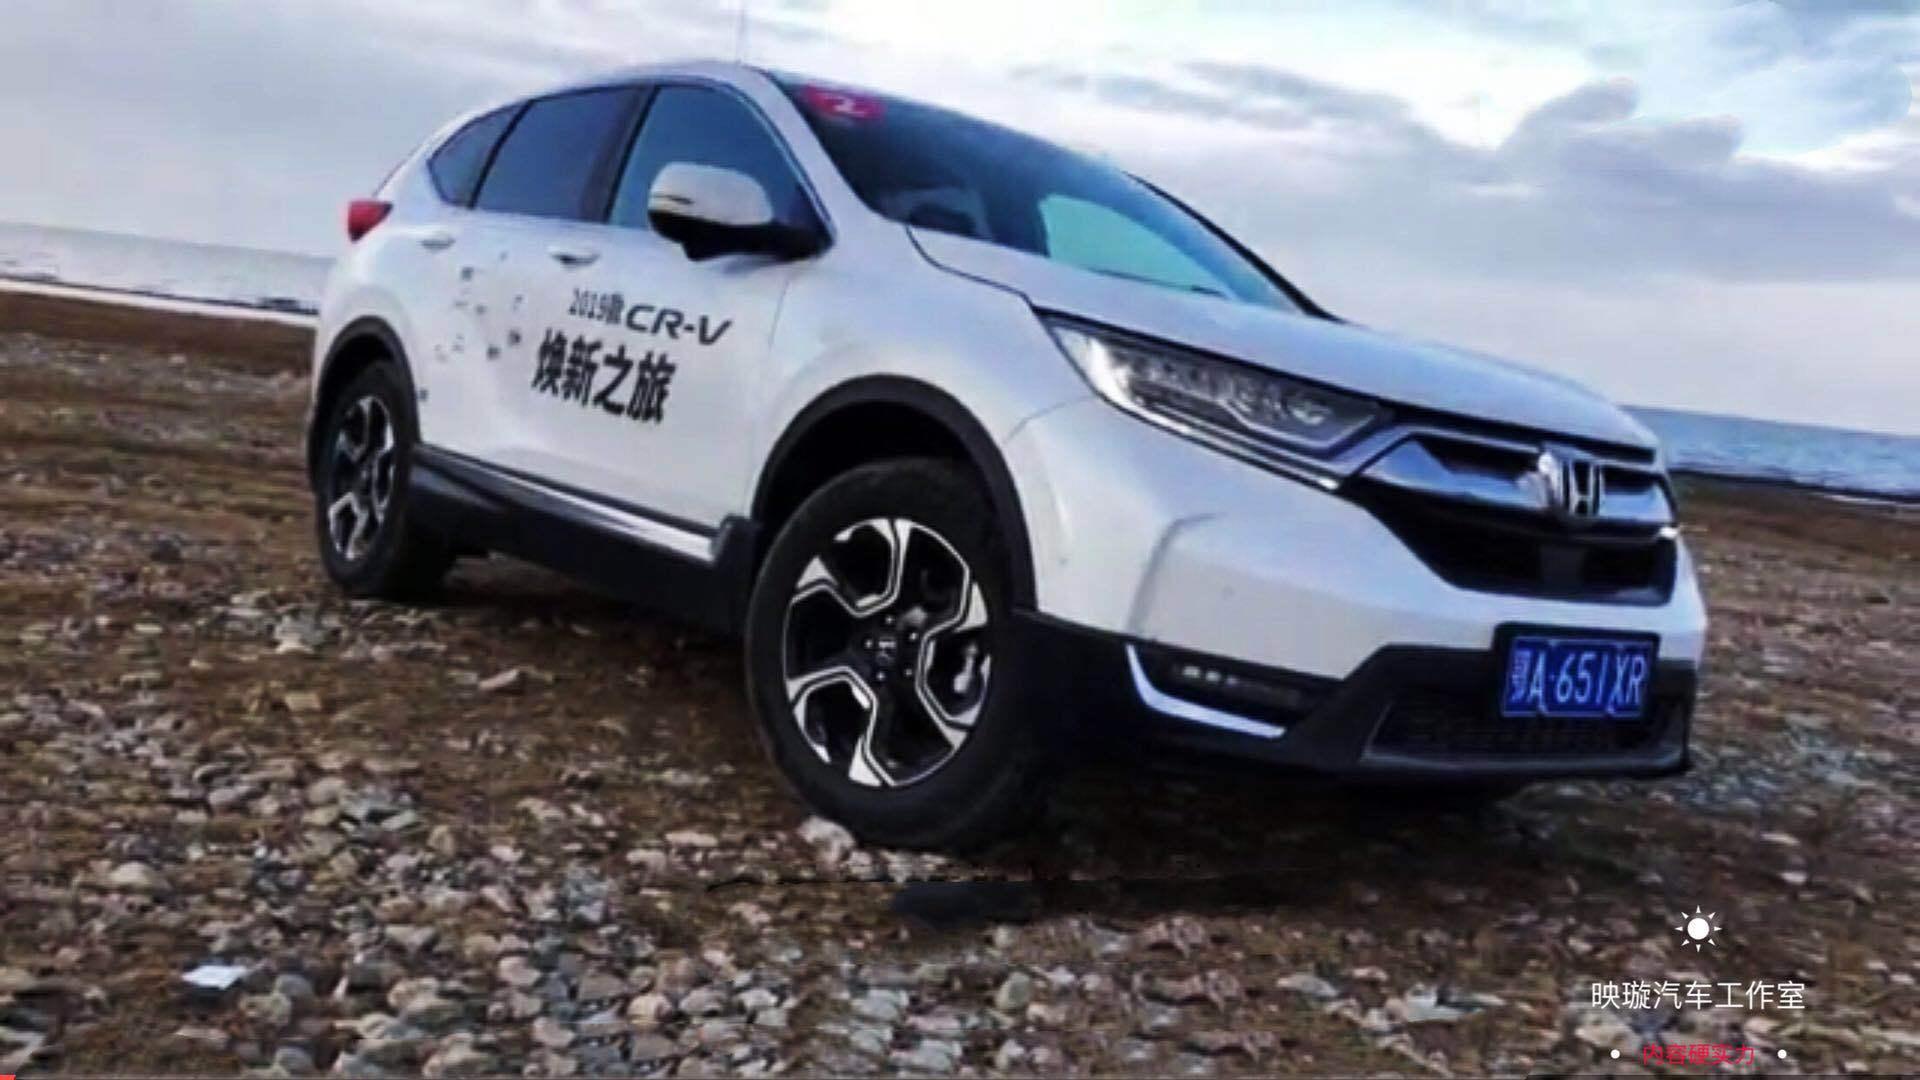 「微评测」2019款CR-V燃油版每公里油耗仅需5毛钱